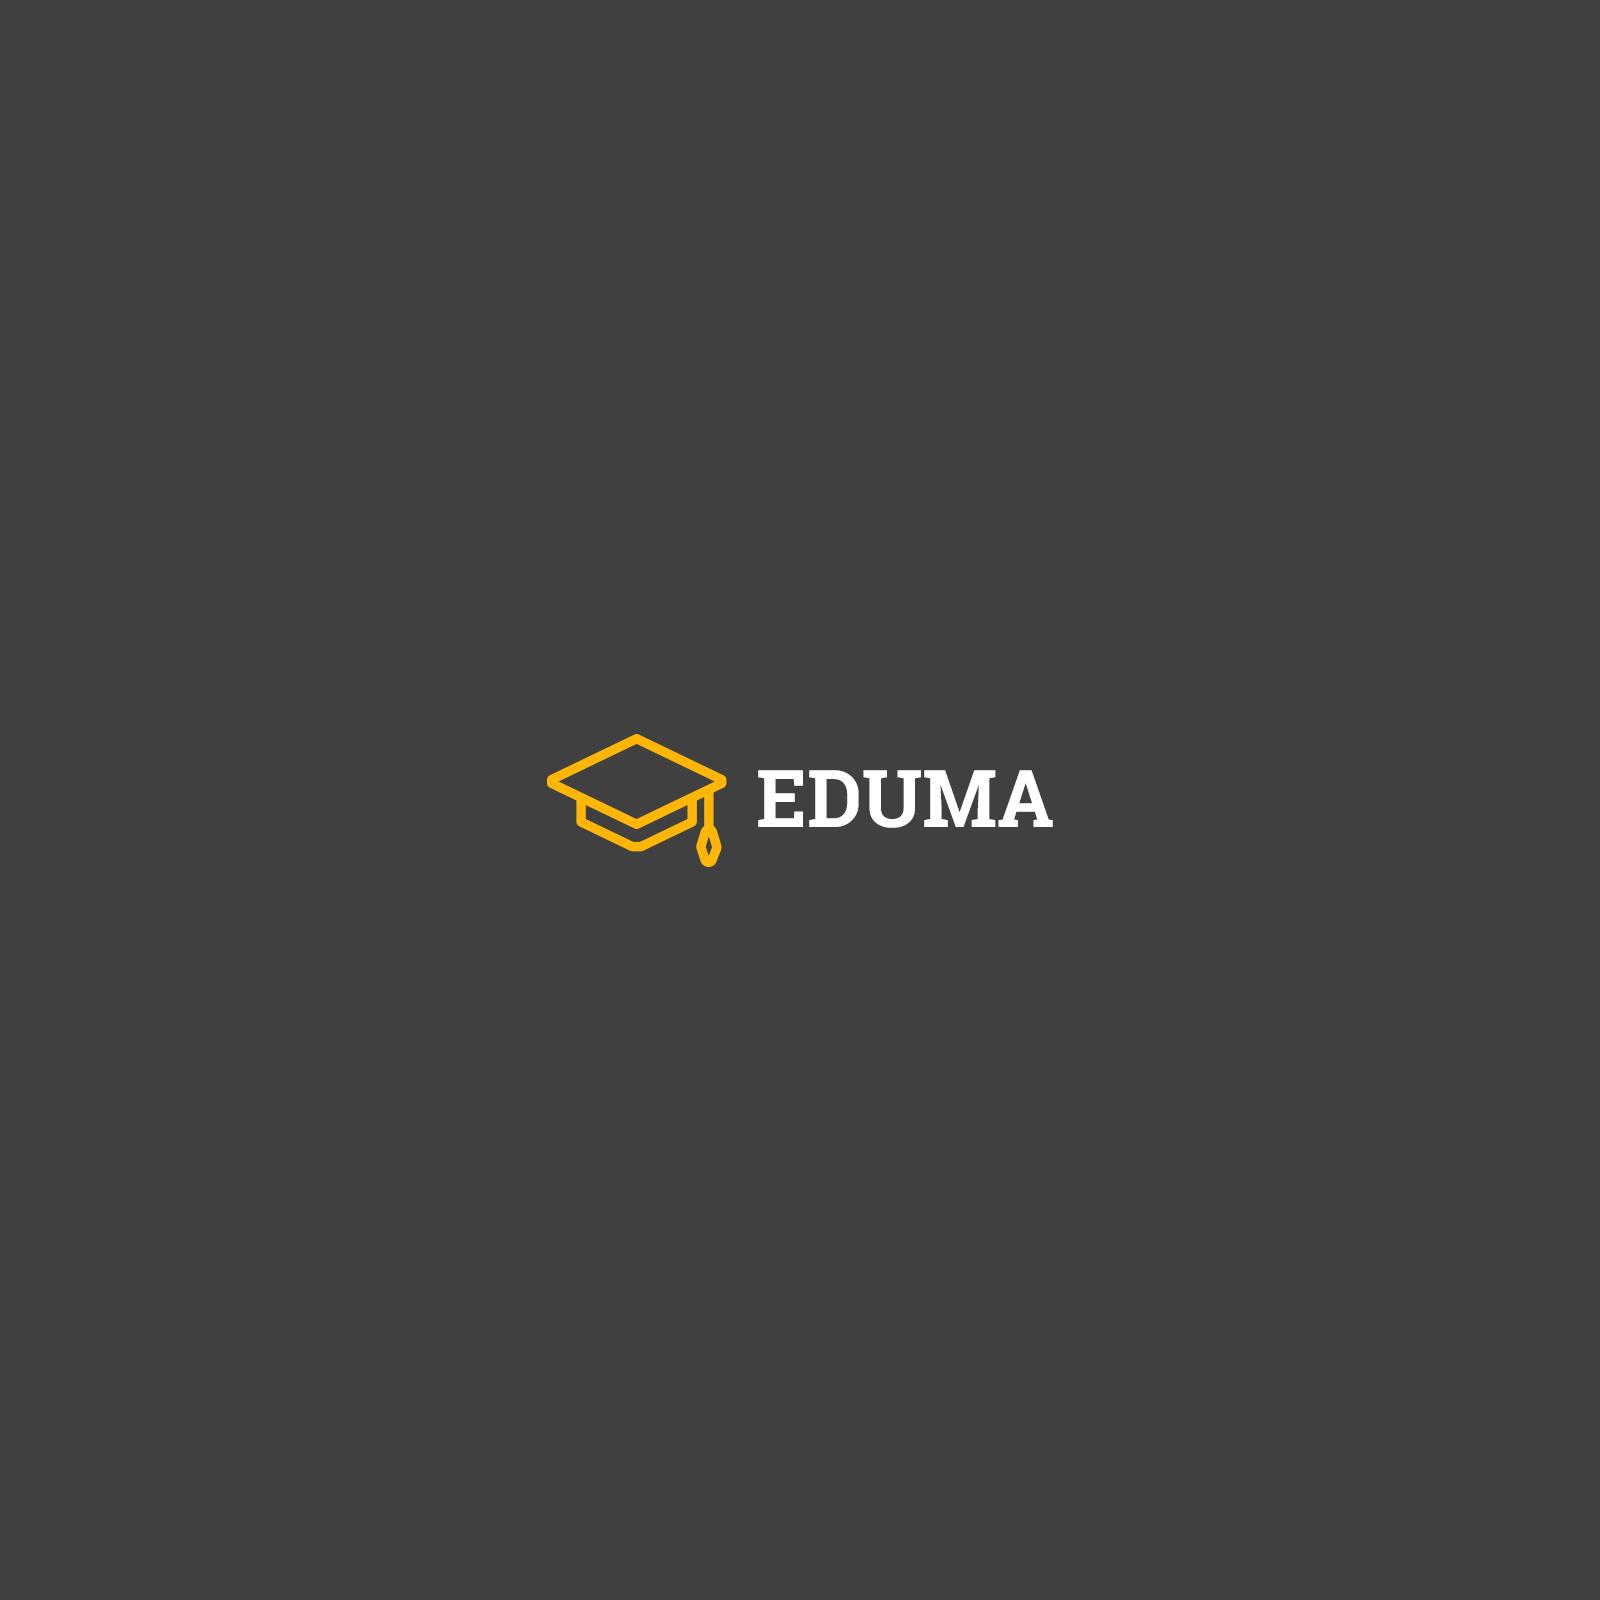 [EBOOK] O que eu gostaria de saber sobre marketing político digital e ninguém nunca me falou?